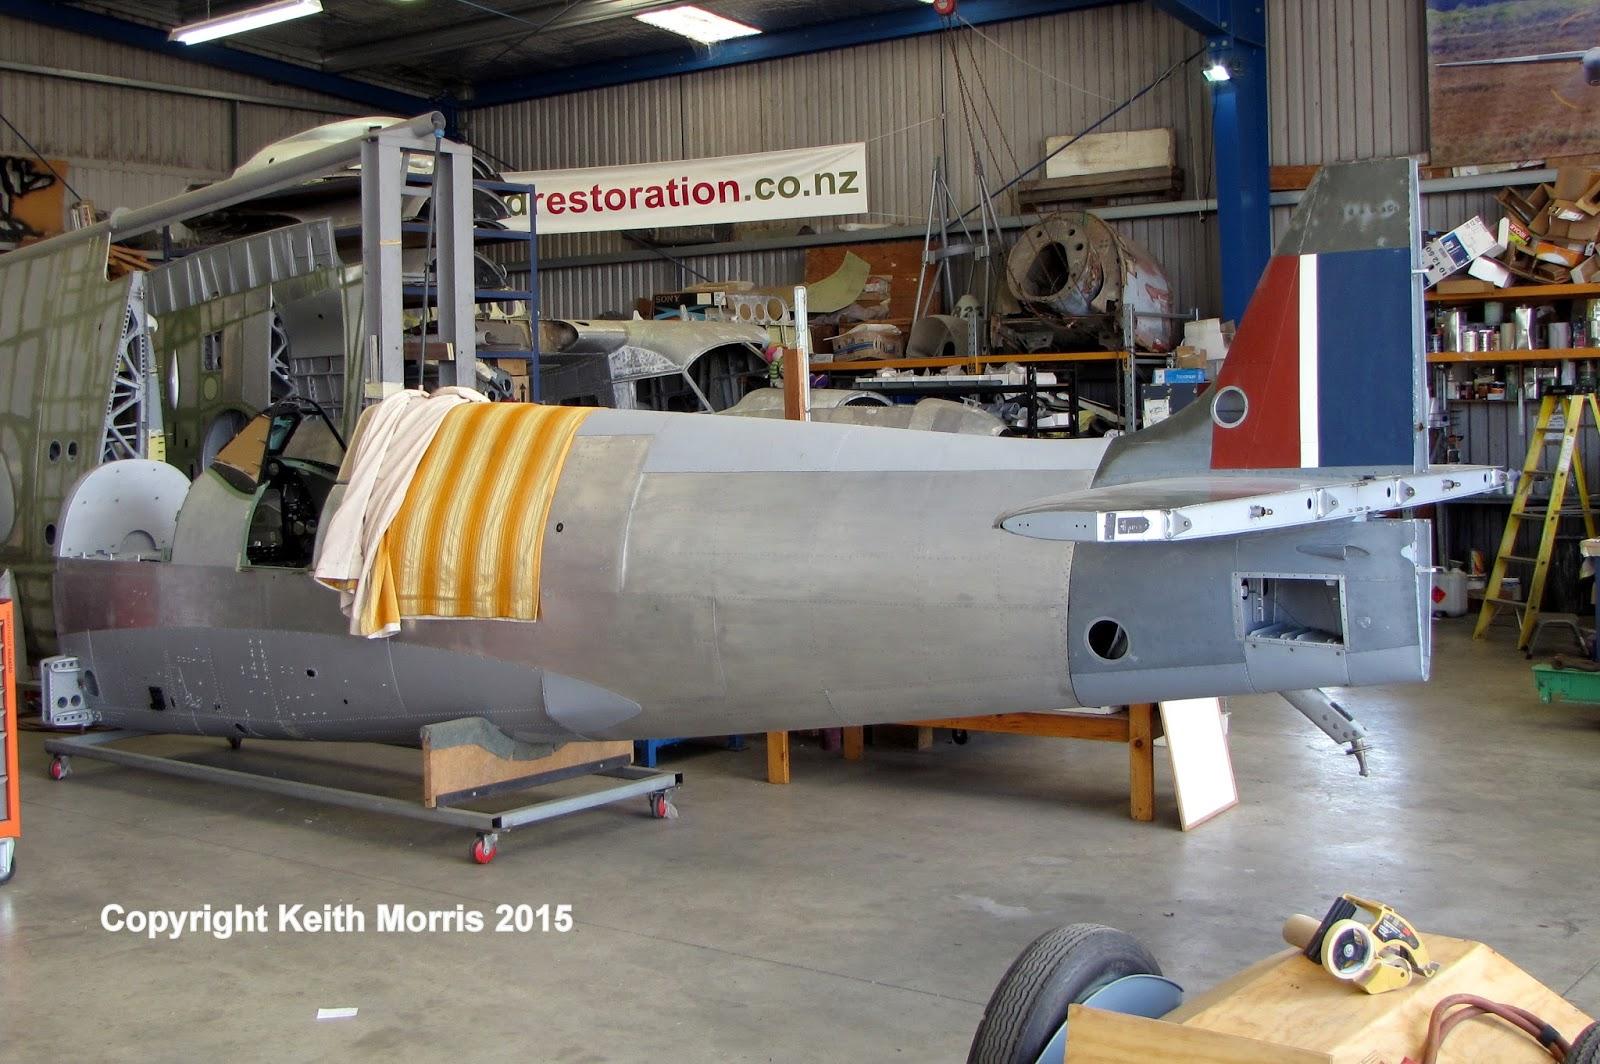 NZ Civil Aircraft: Another Spitfire at Avspecs 10-8-2015